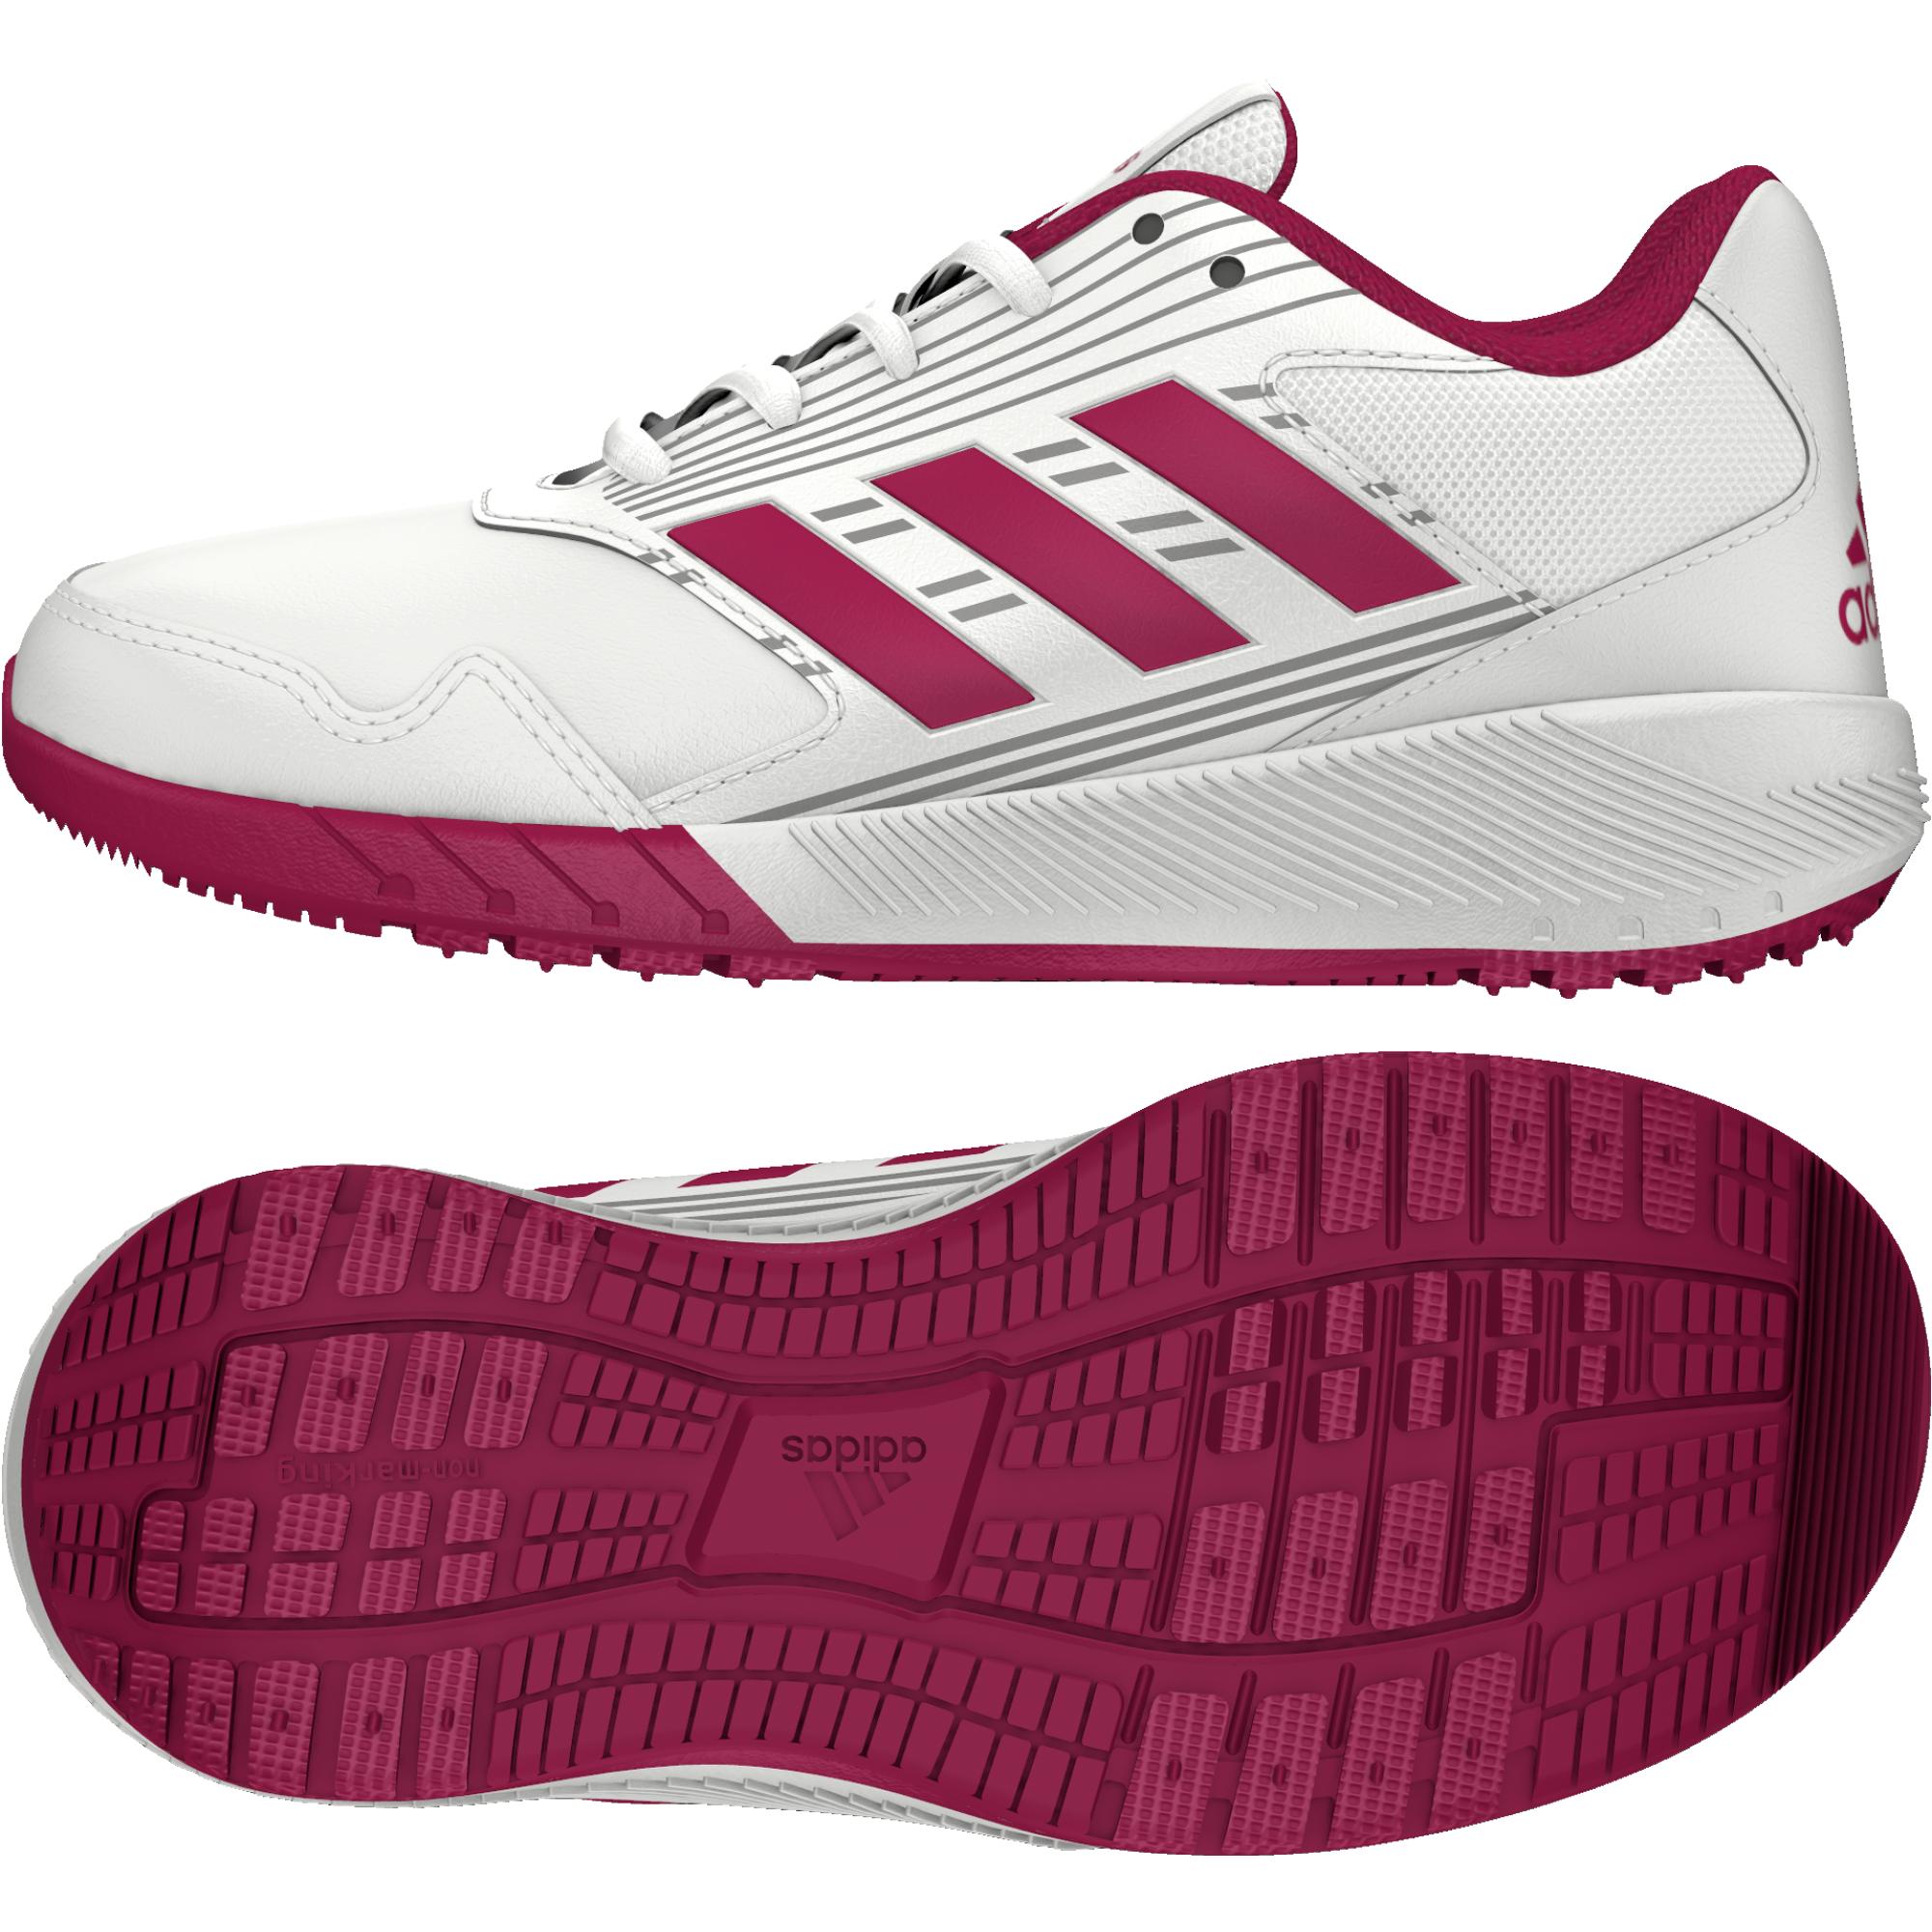 Adidas Altarun K kamaszlány futócipő  b44c1f5d7d